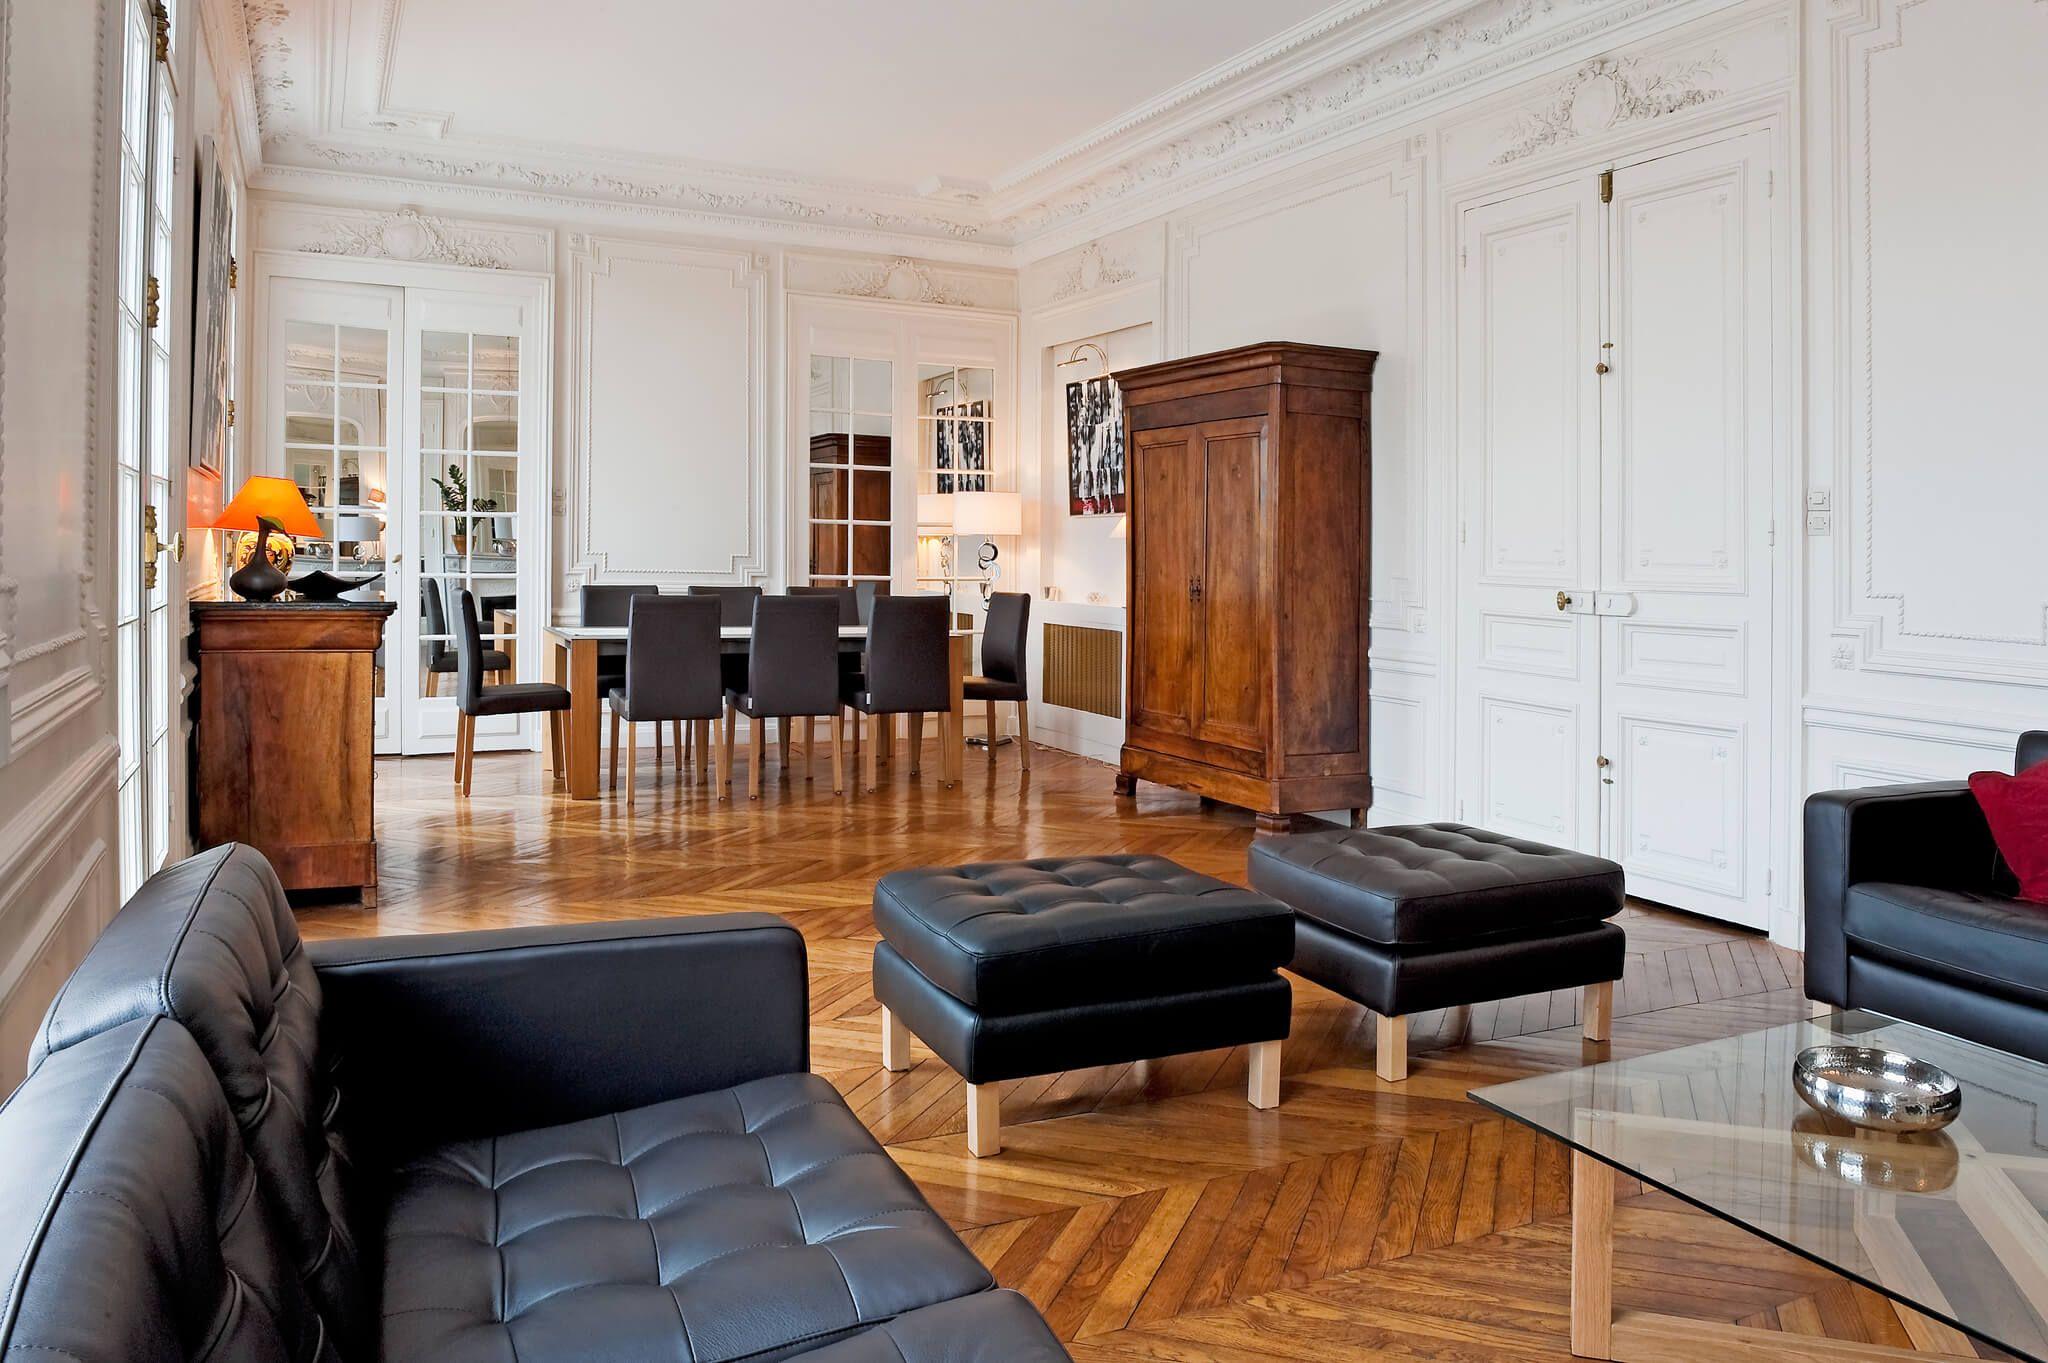 Best Kitchen Gallery: Paris Vacation Apartment Rental République Haven In Paris of Paris Vacation Apartment Rentals  on rachelxblog.com